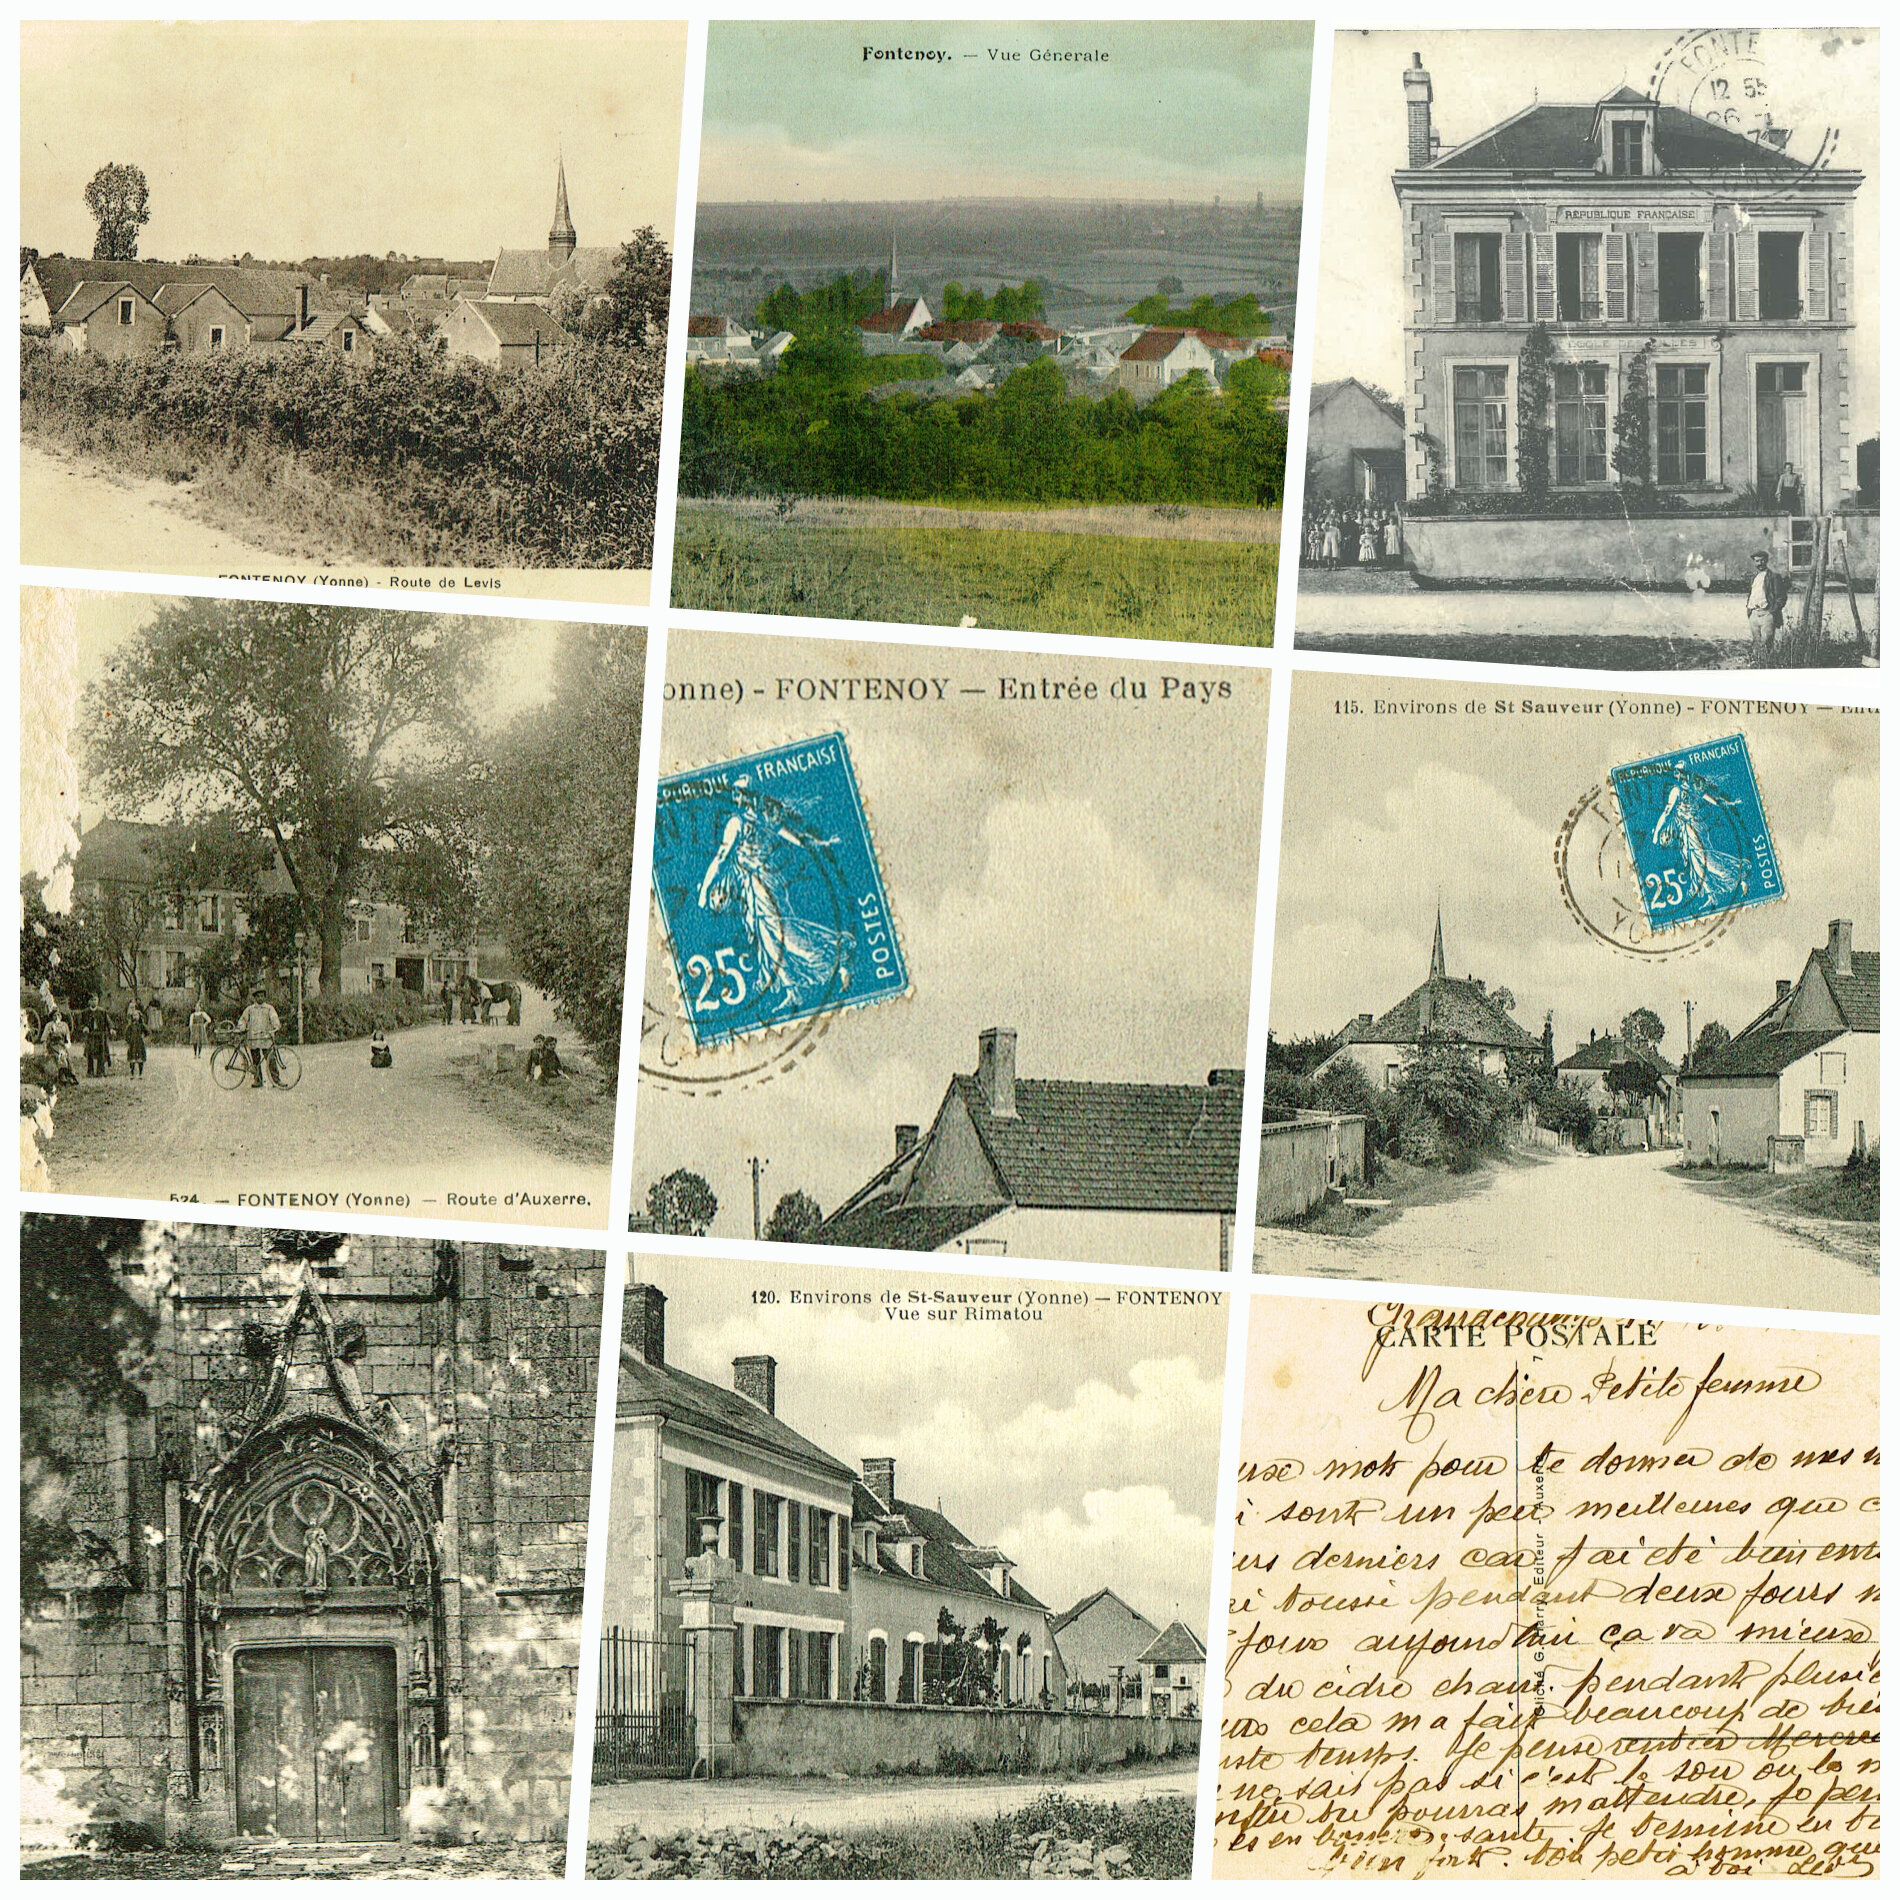 Vos cartes postales deviennent des trésors...Partagez les !